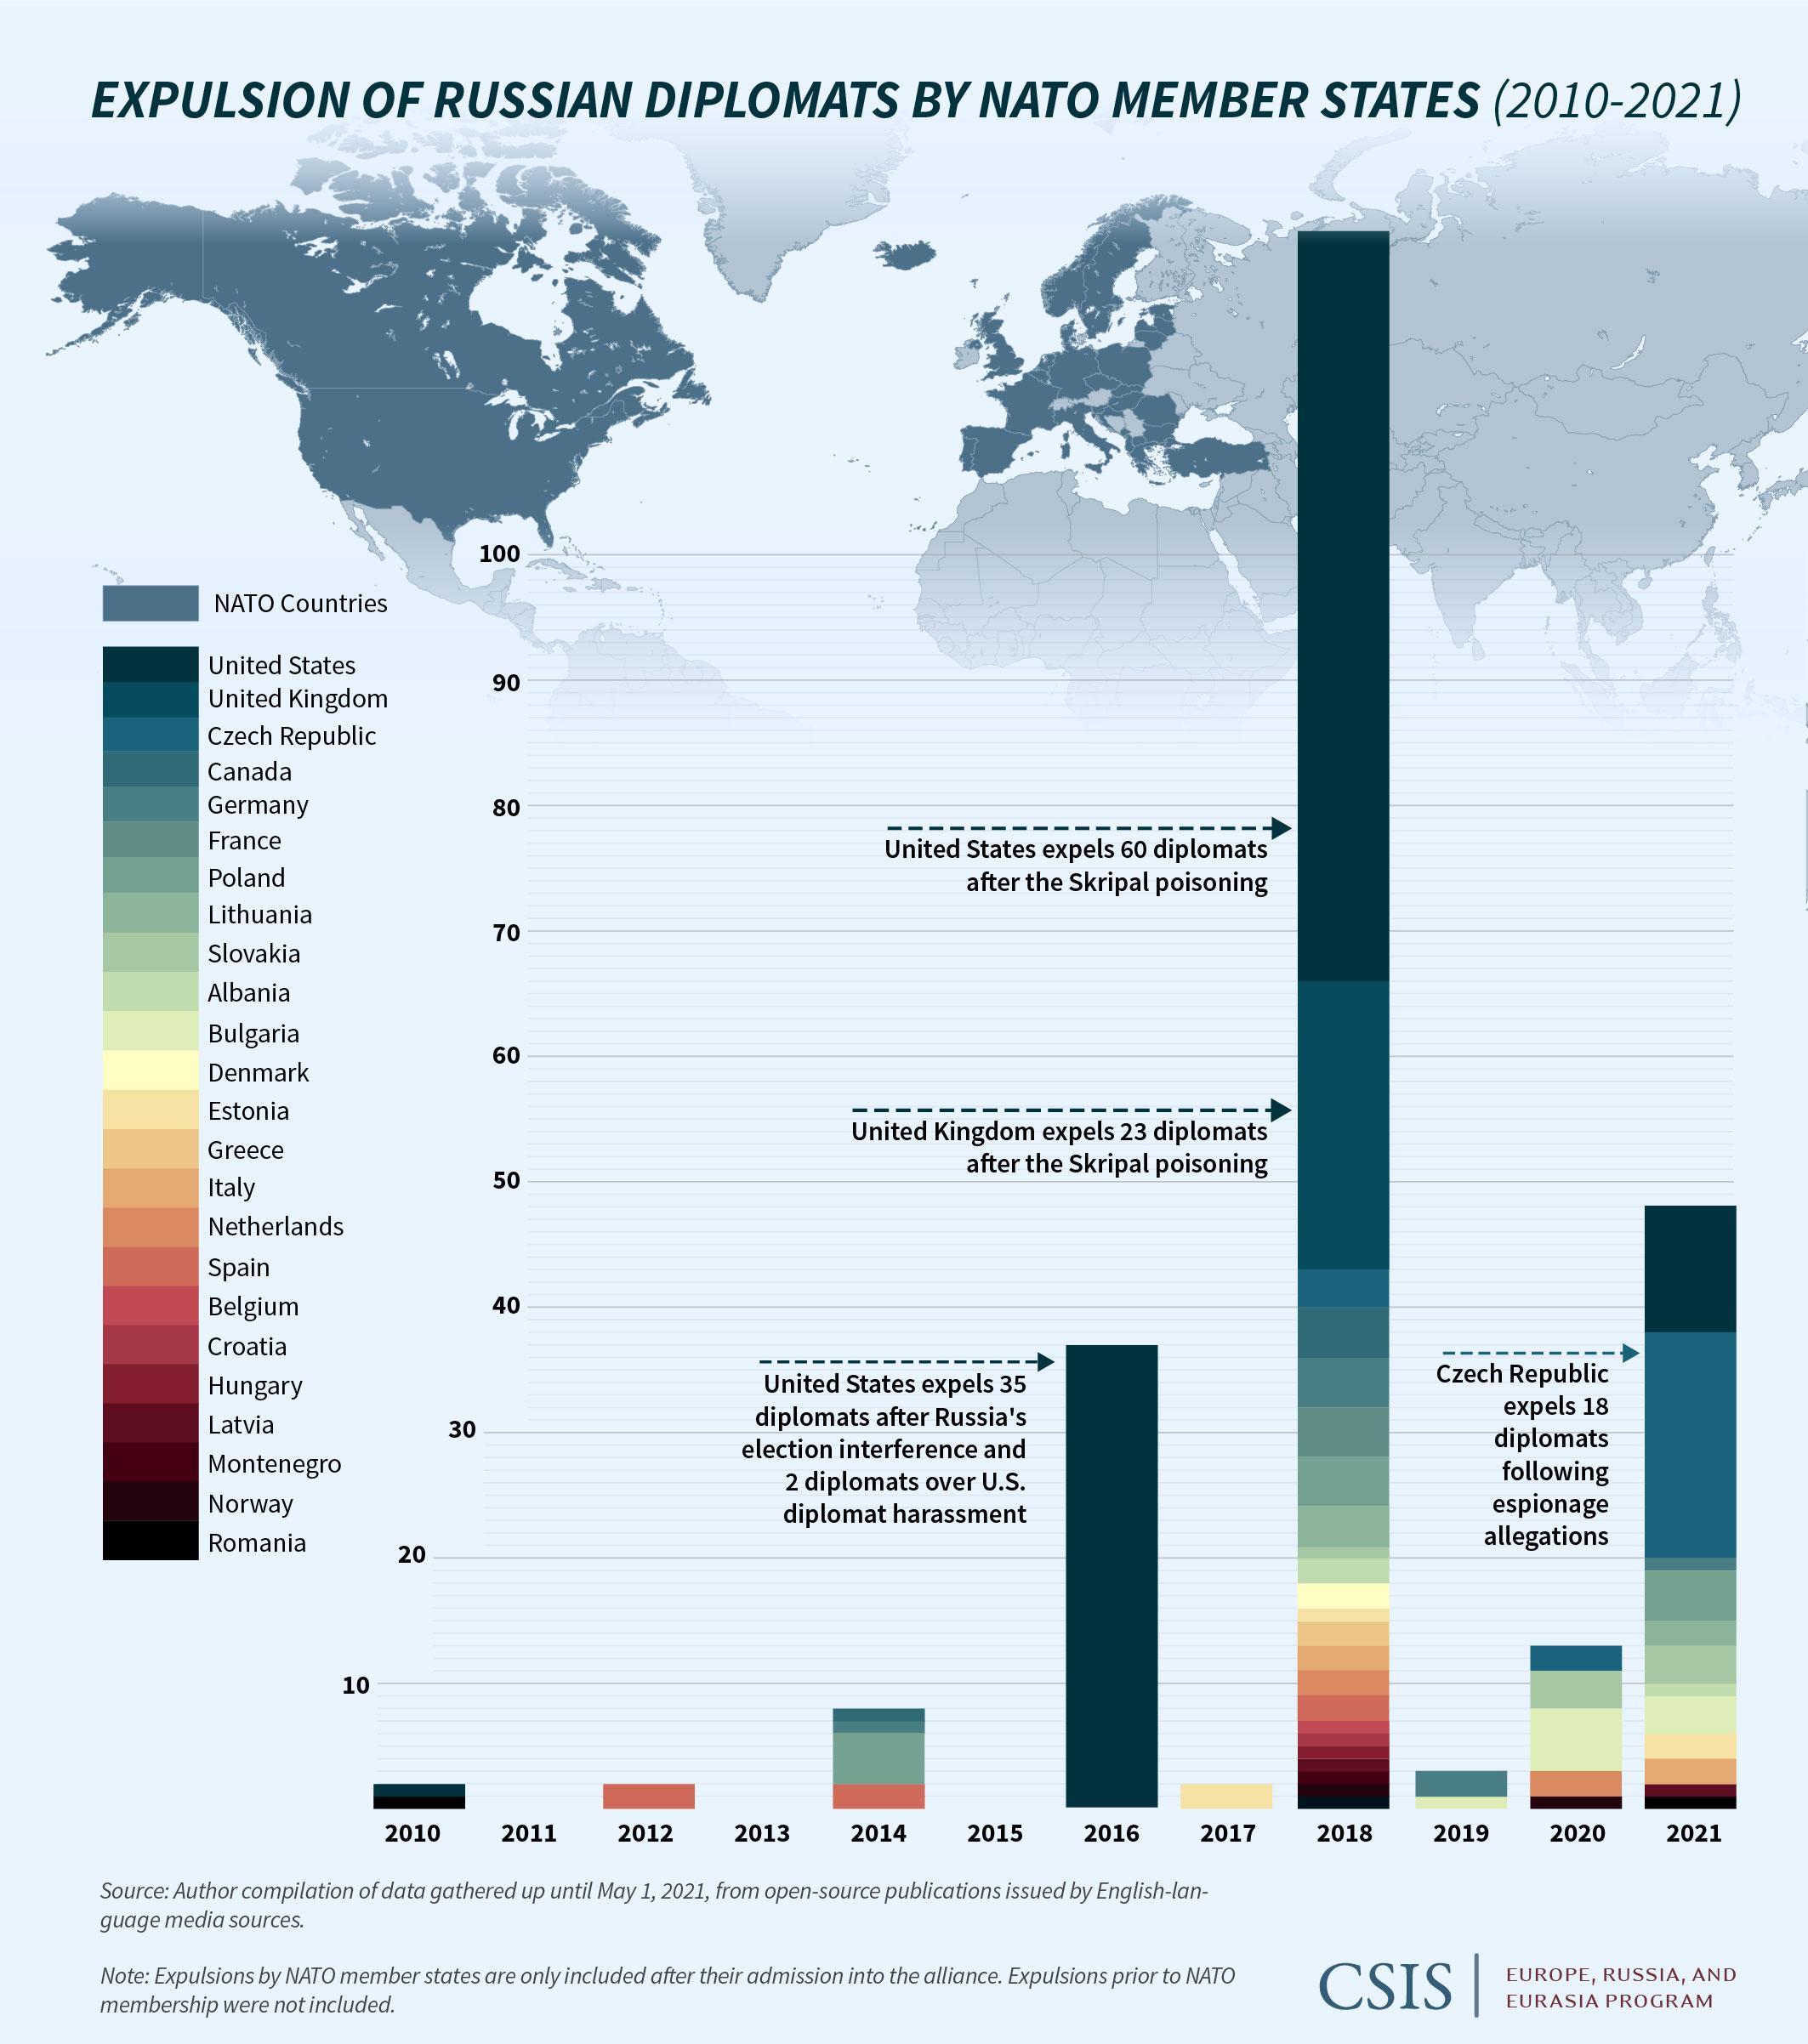 Os custos das expulsões diplomáticas russas e ocidentais. Parte 1.